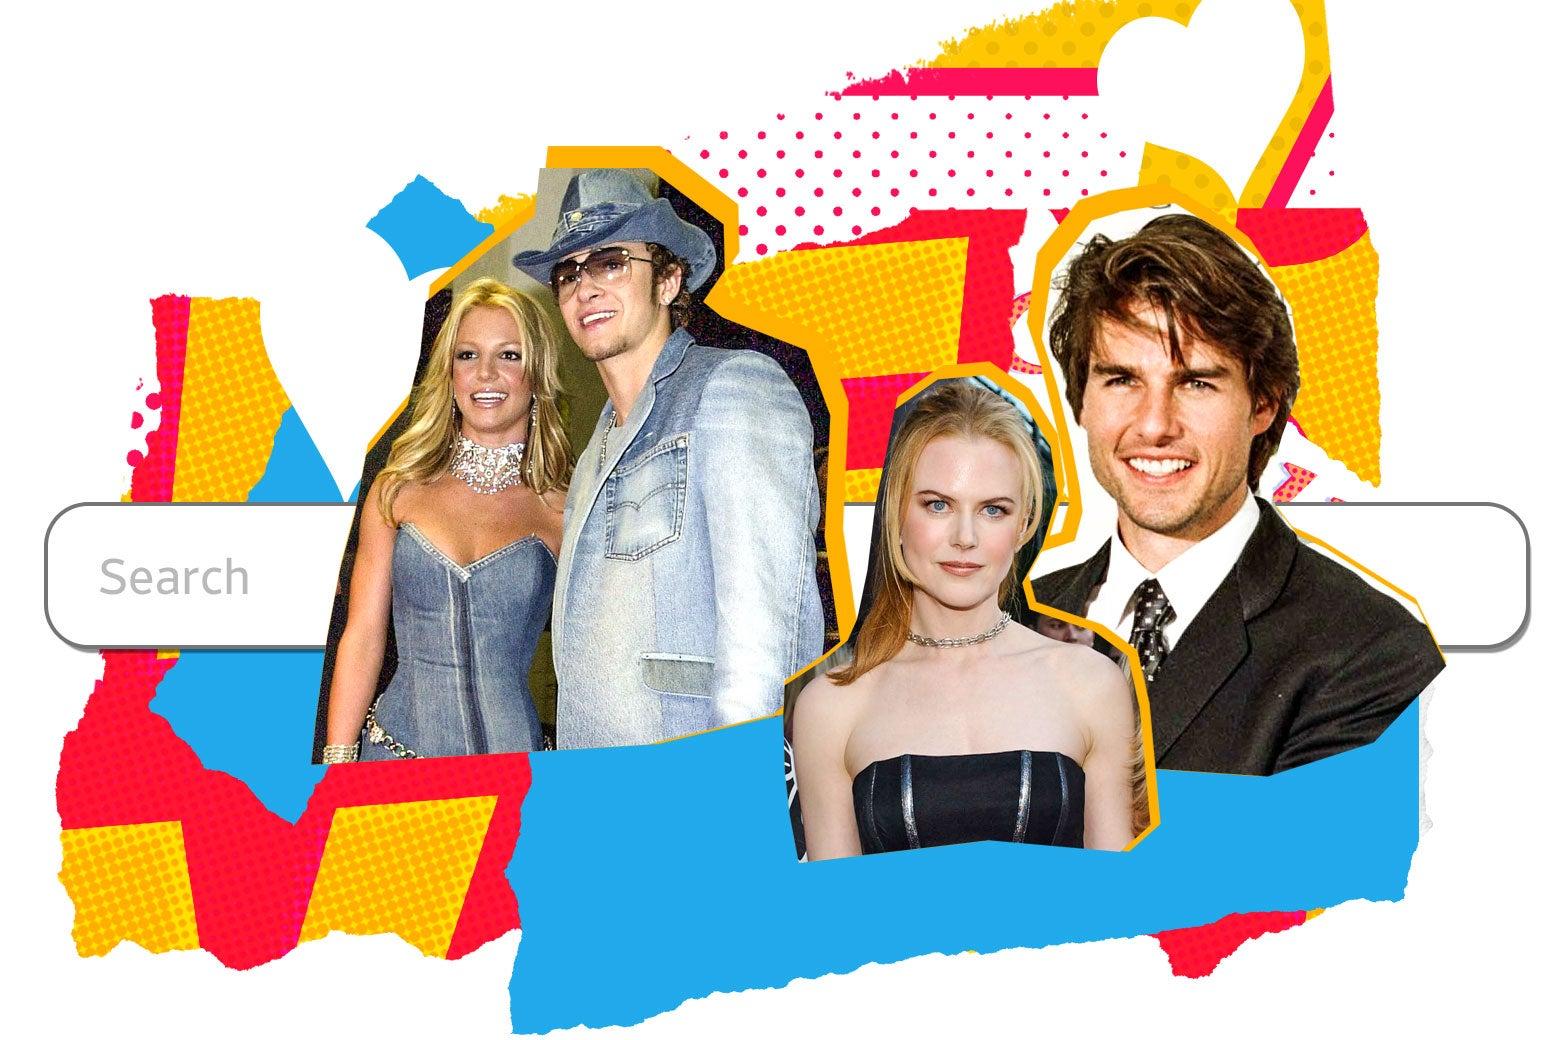 Miley cyrus zimbio dating website